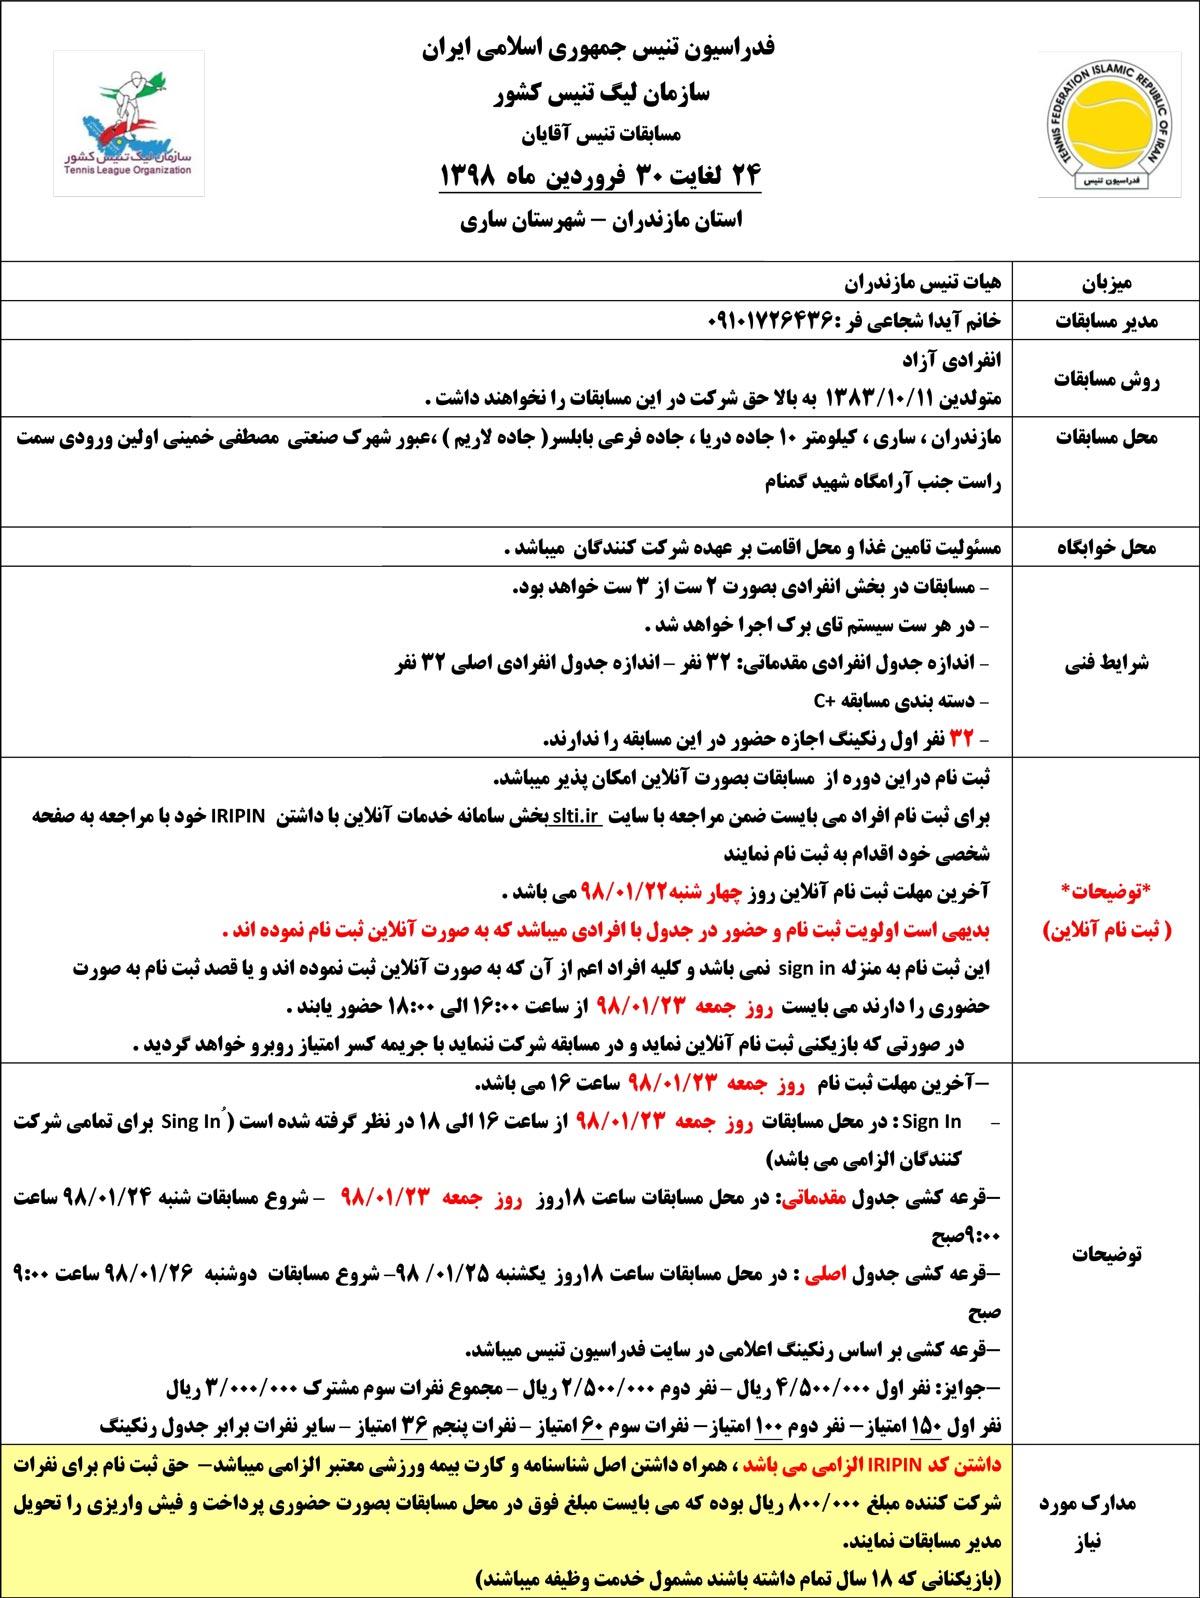 فکت شیت مسابقات بانوان تنیس البرز